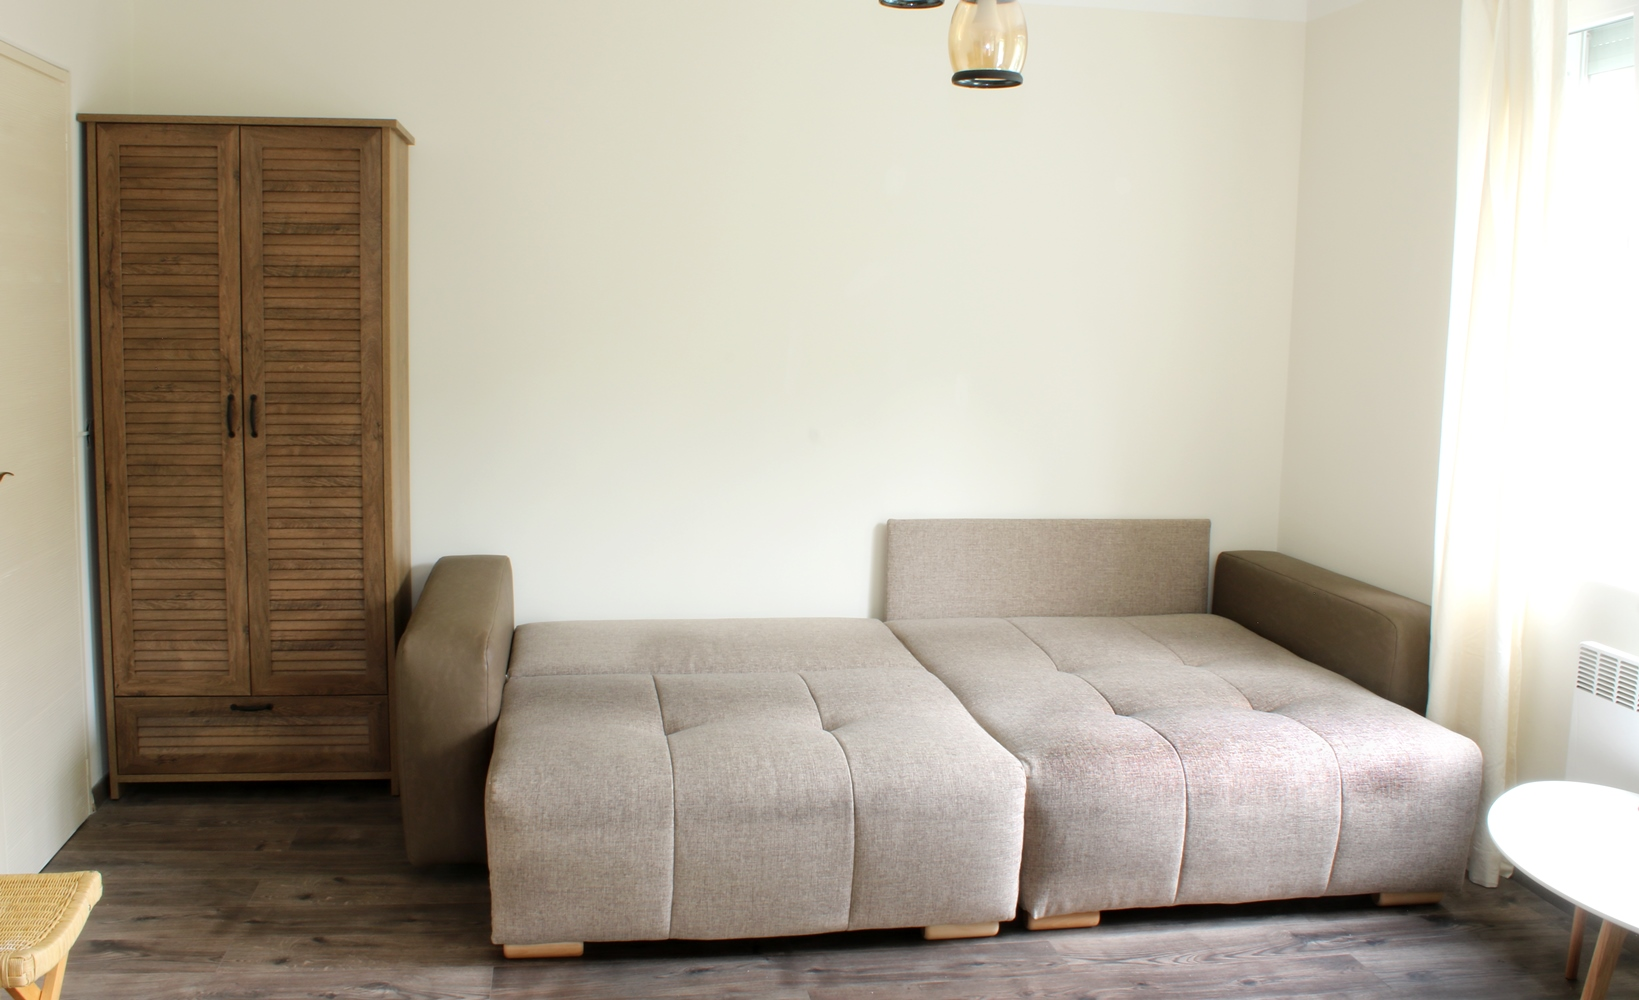 170x230 cm-es ágy